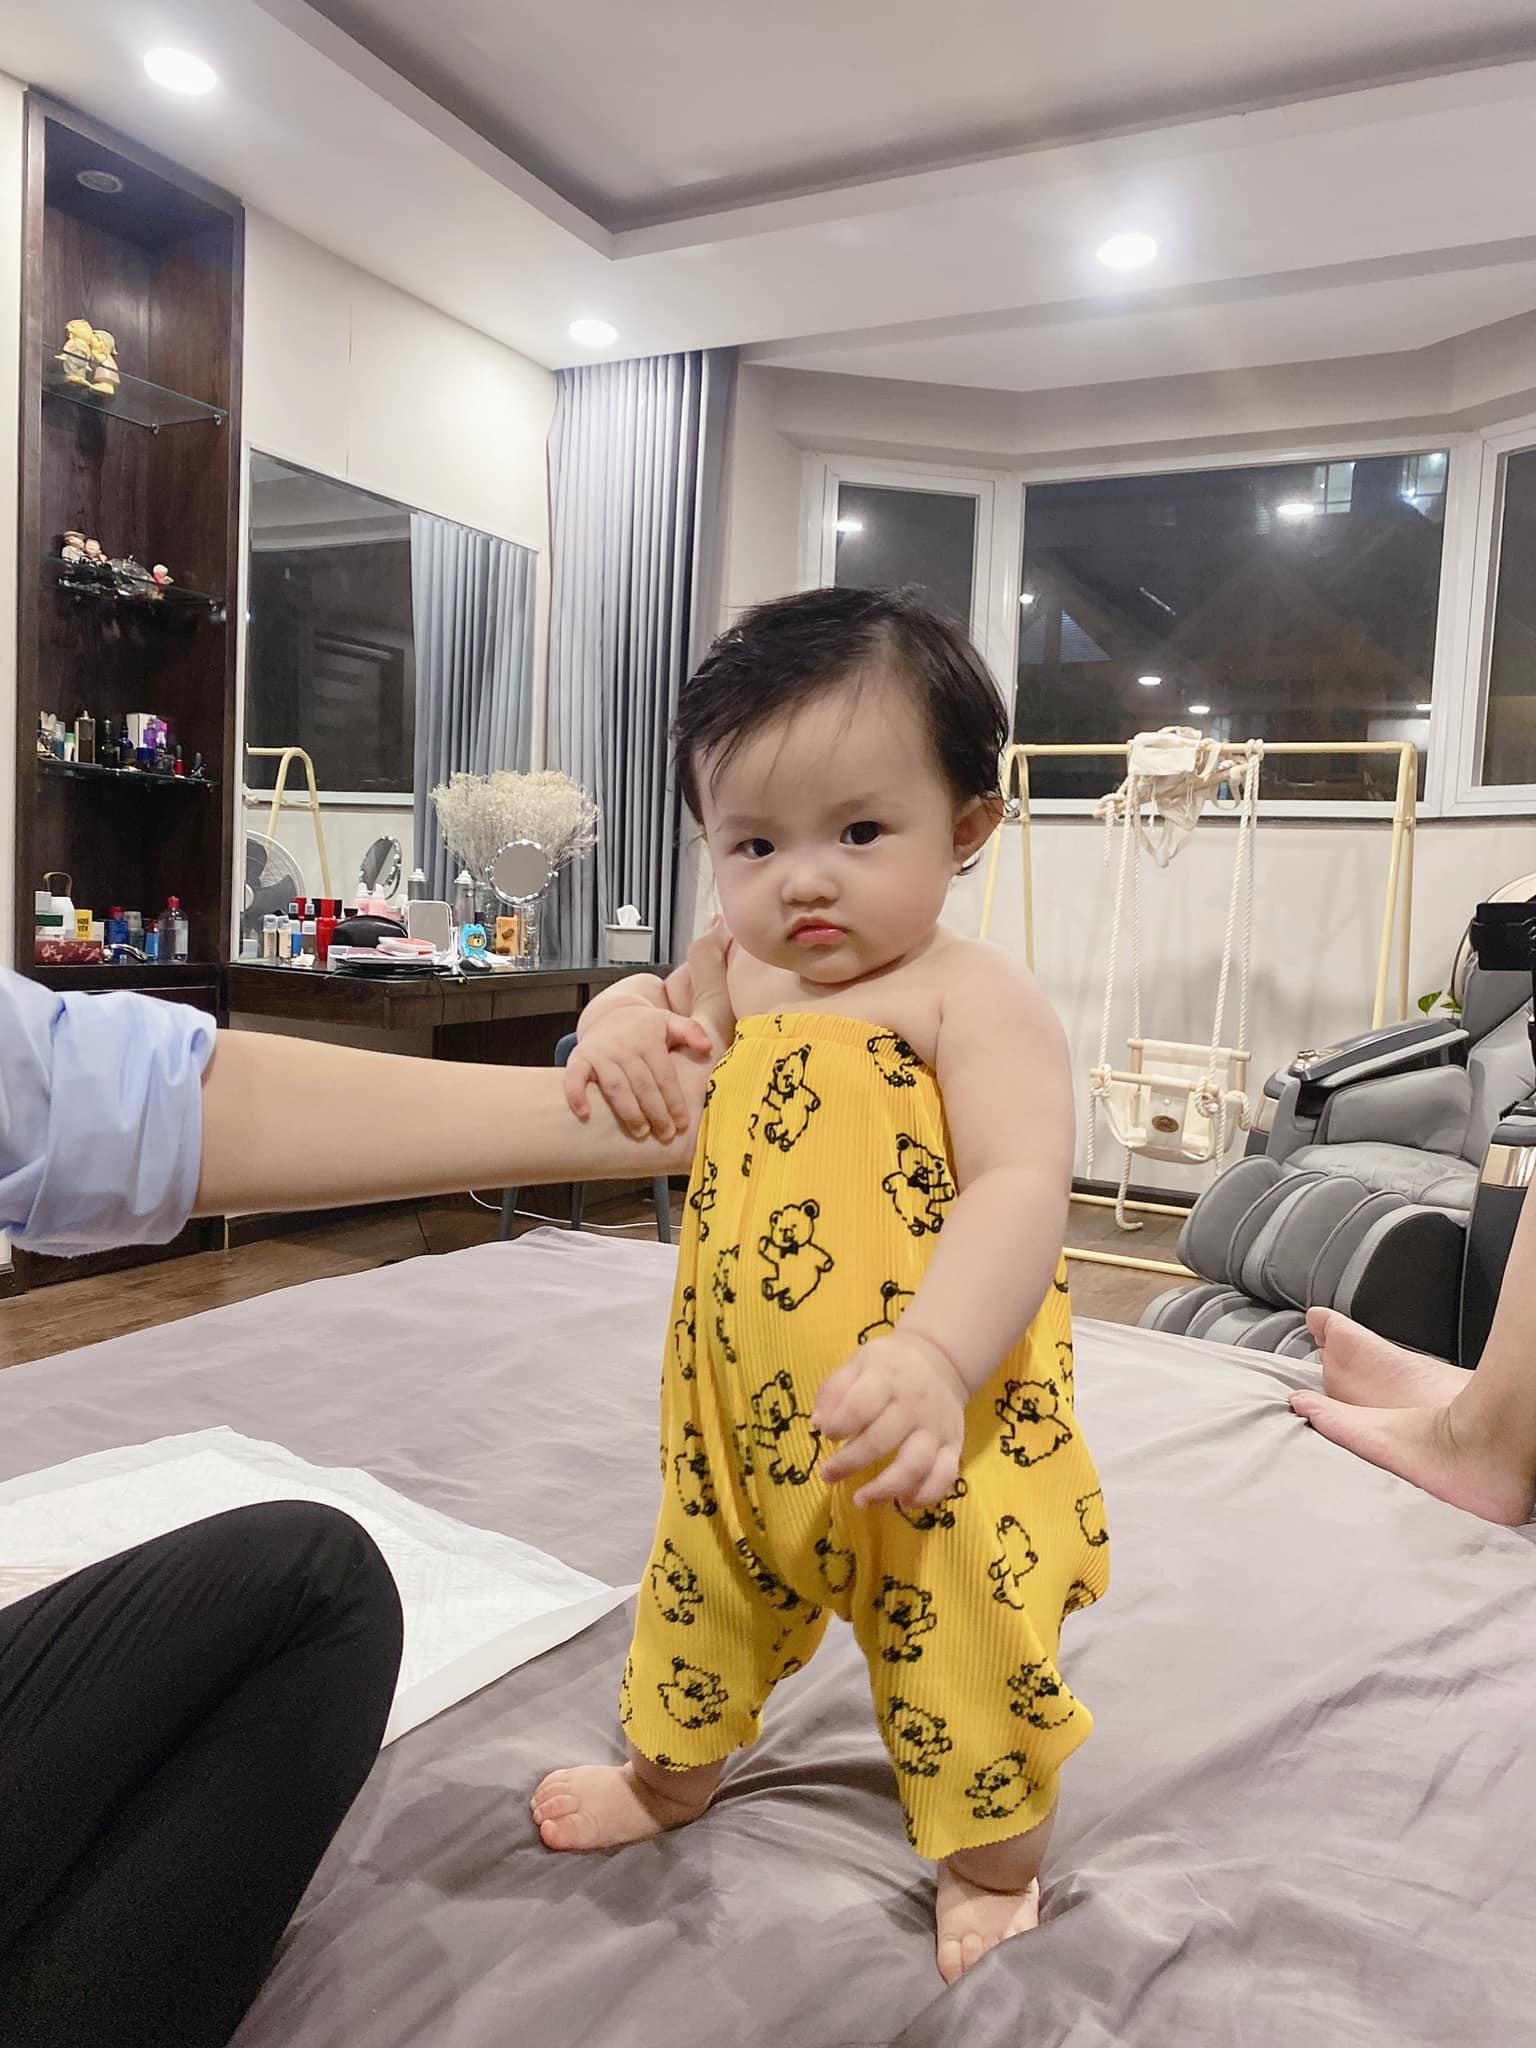 Đông Nhi lại đem con gái ra thử nghiệm thời trang kiểu chùm quần làm jumpsuit, dân tình một lòng: Ông Cao Thắng phiên bản nữ đây rồi! - Ảnh 3.